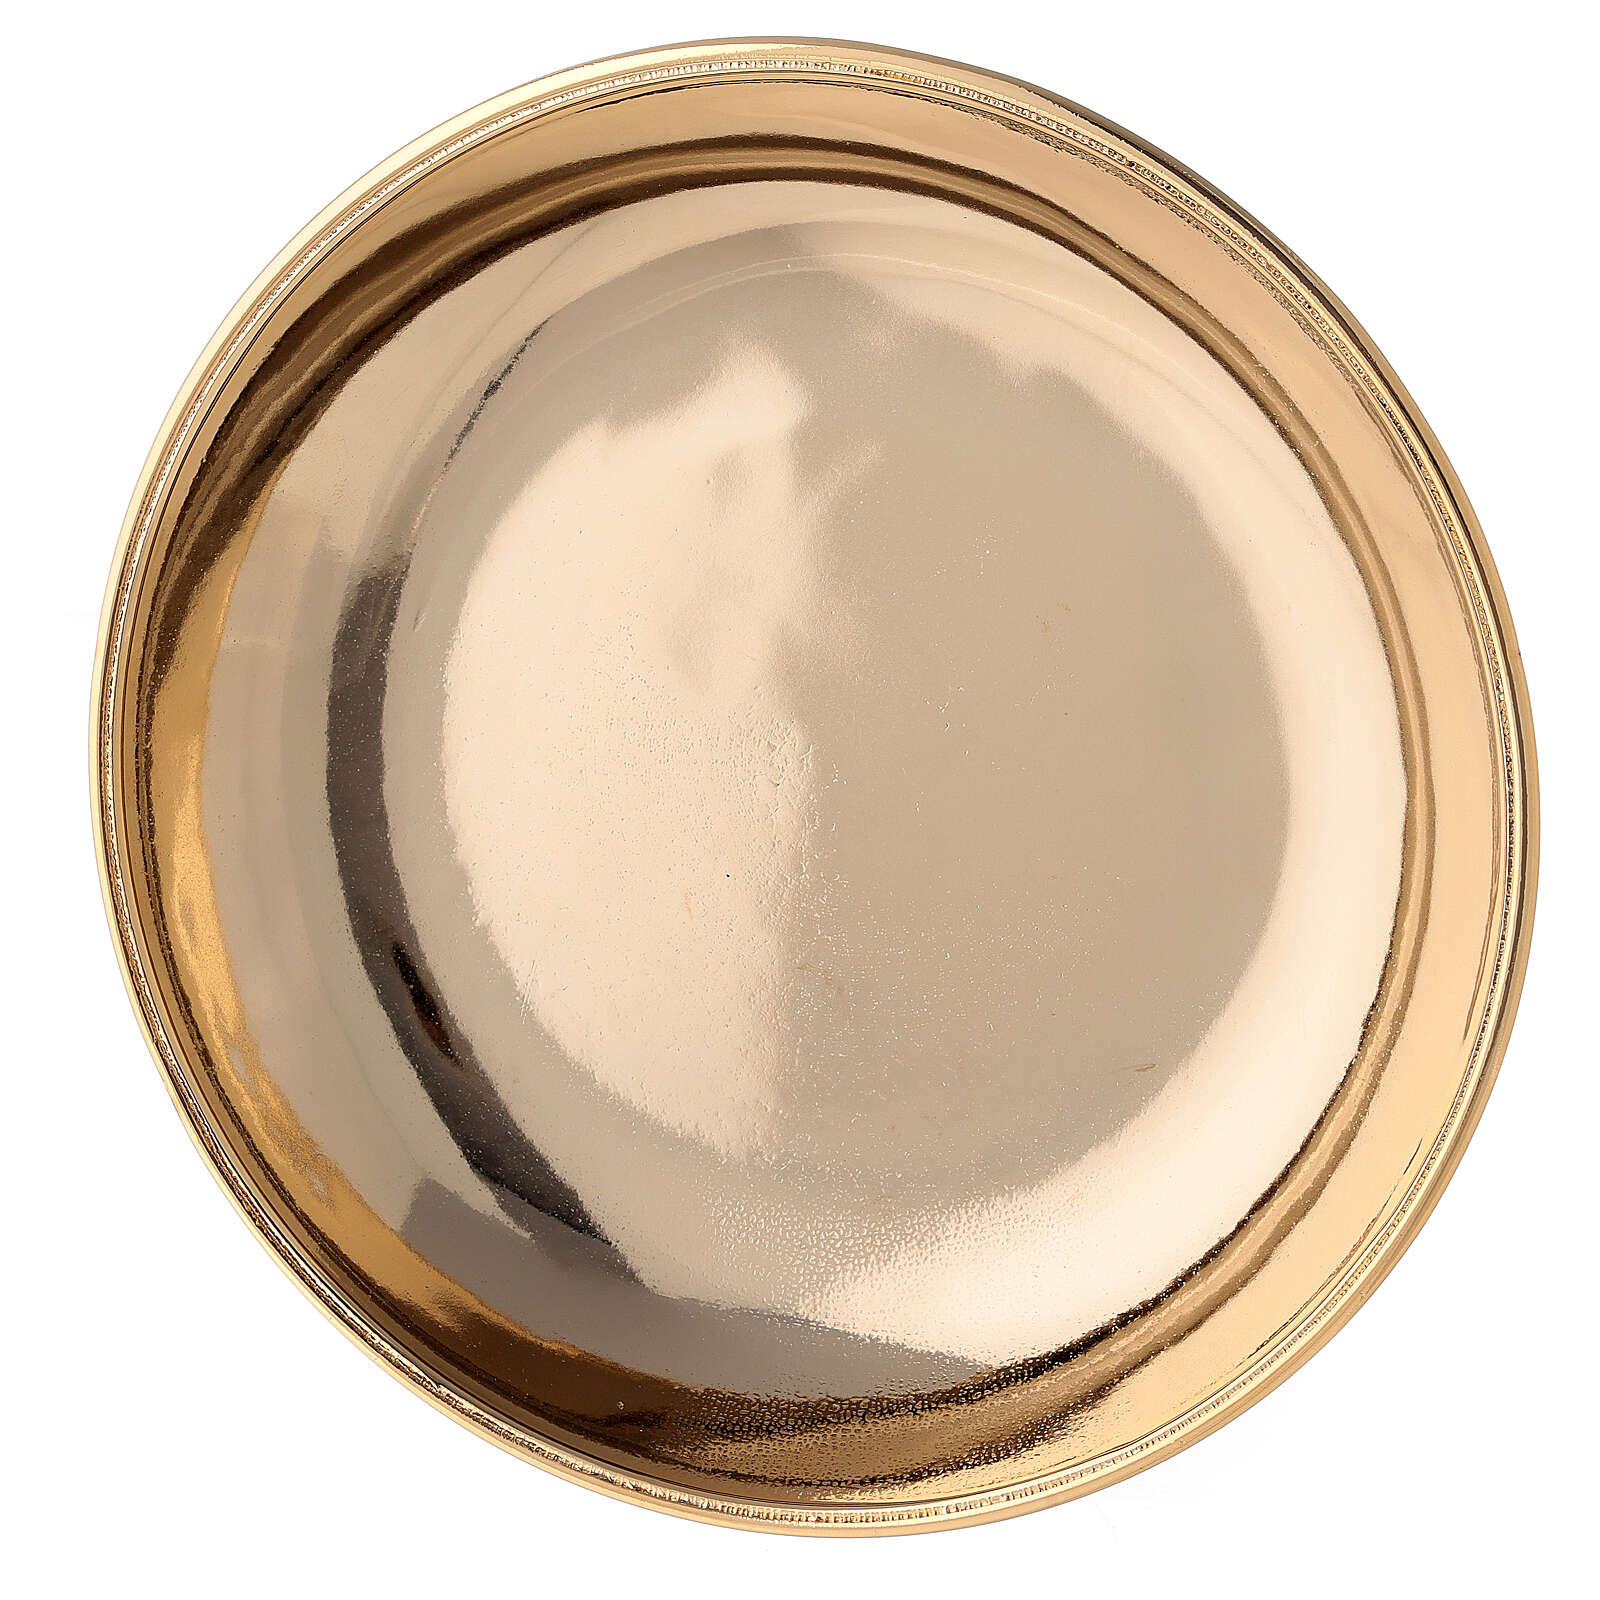 Brocca e piatto per manutergio in ottone dorato lucido 3